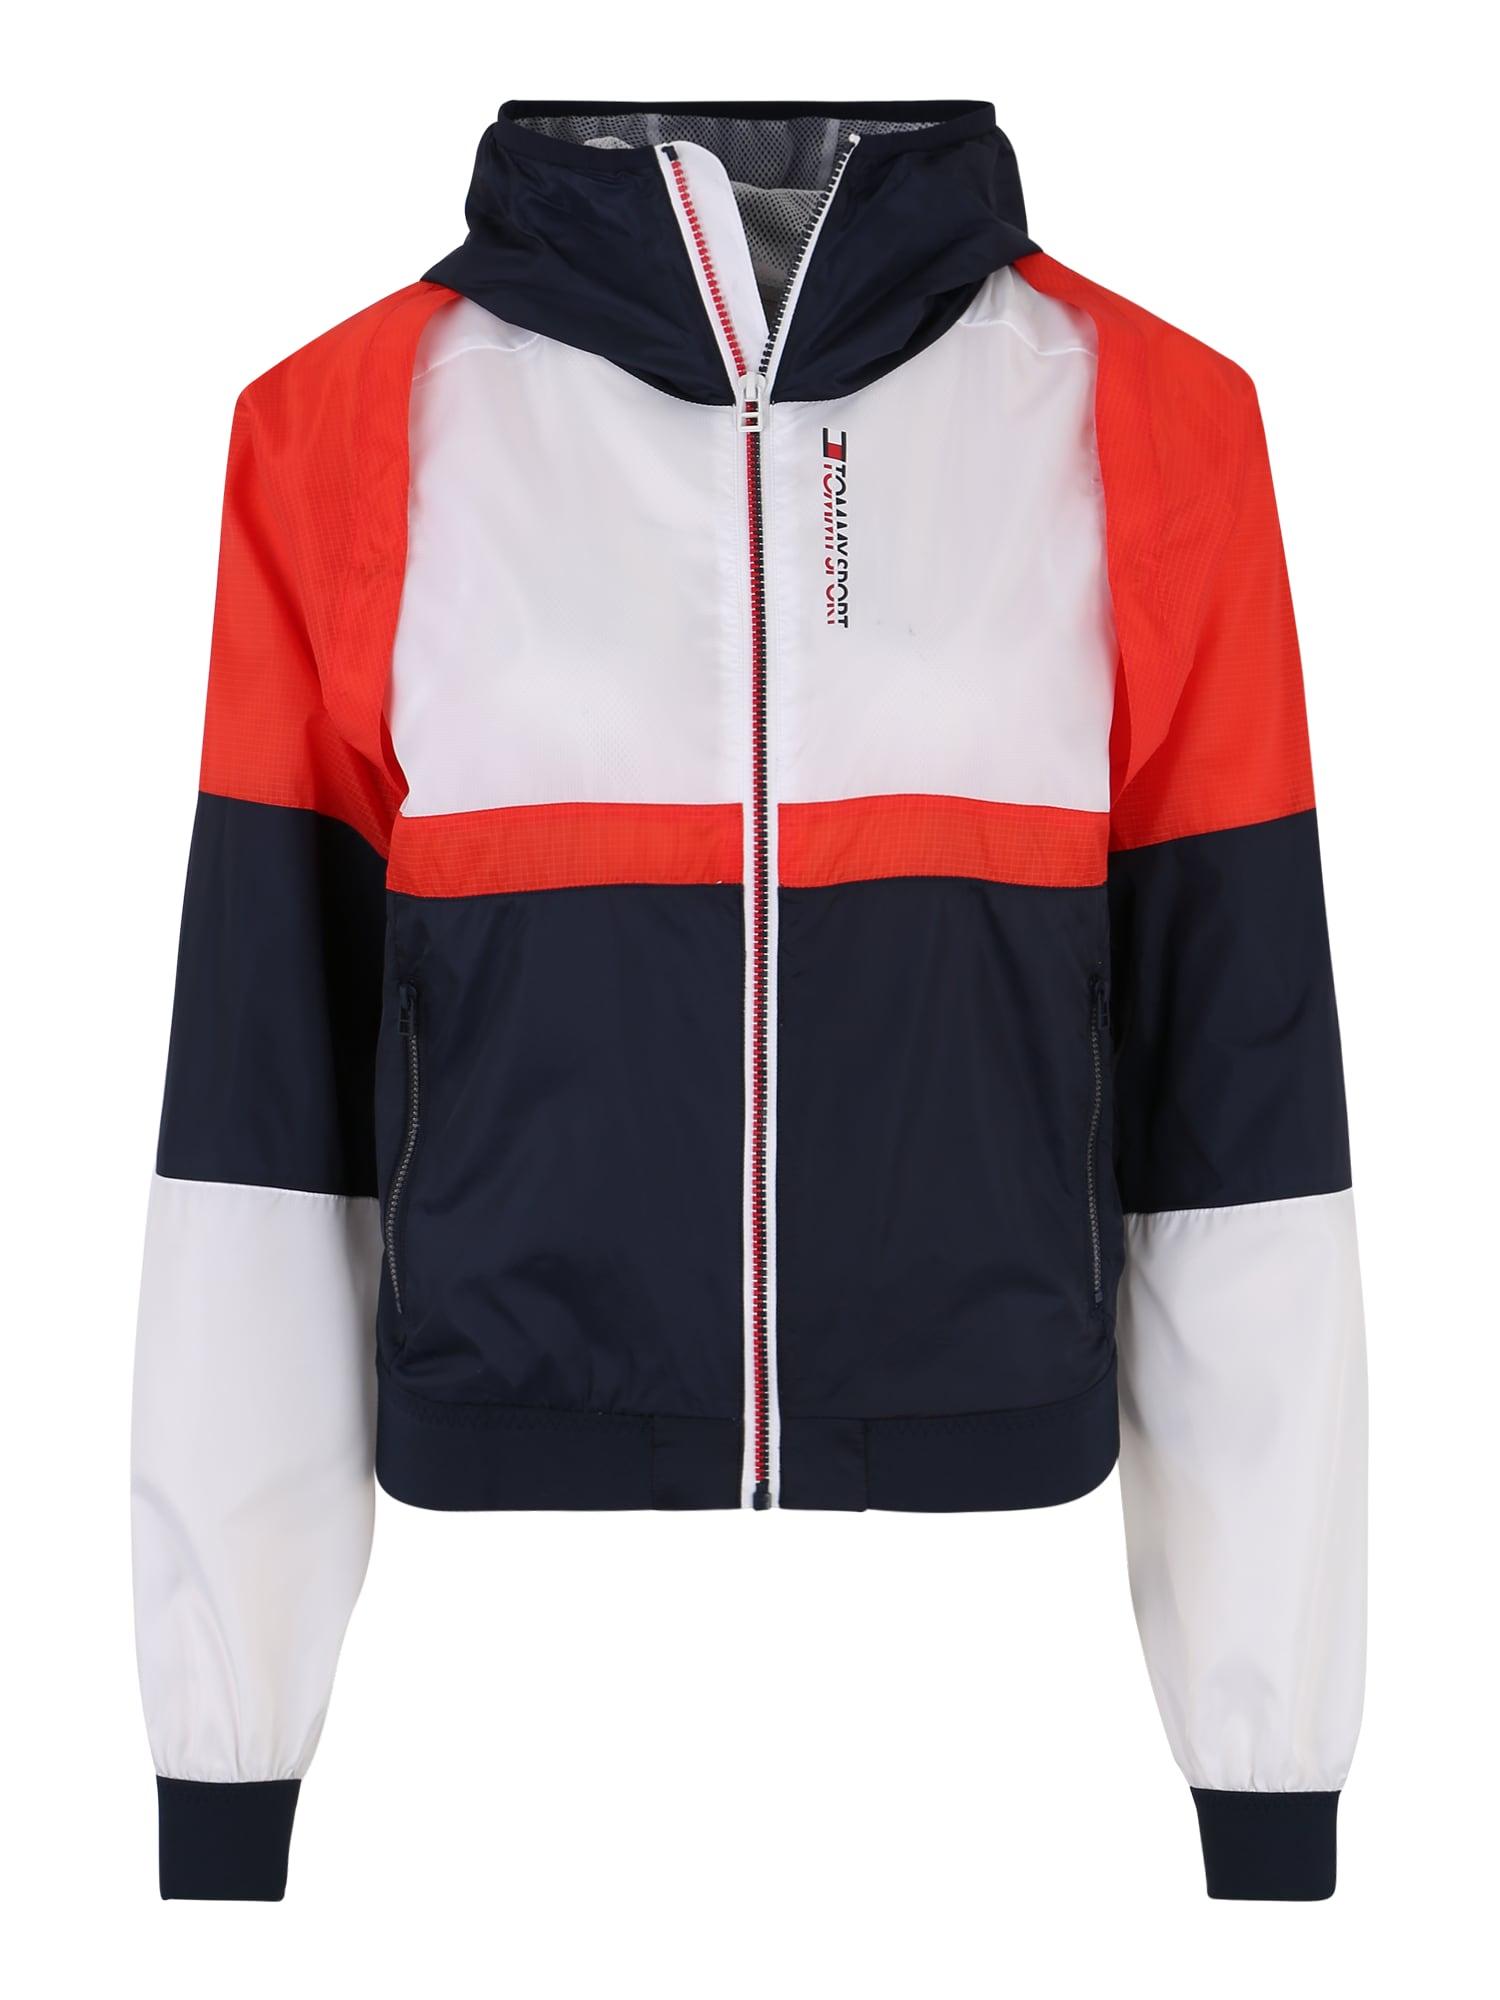 Sportovní bunda Windbreaker 2-in-1 modrá červená bílá Tommy Sport